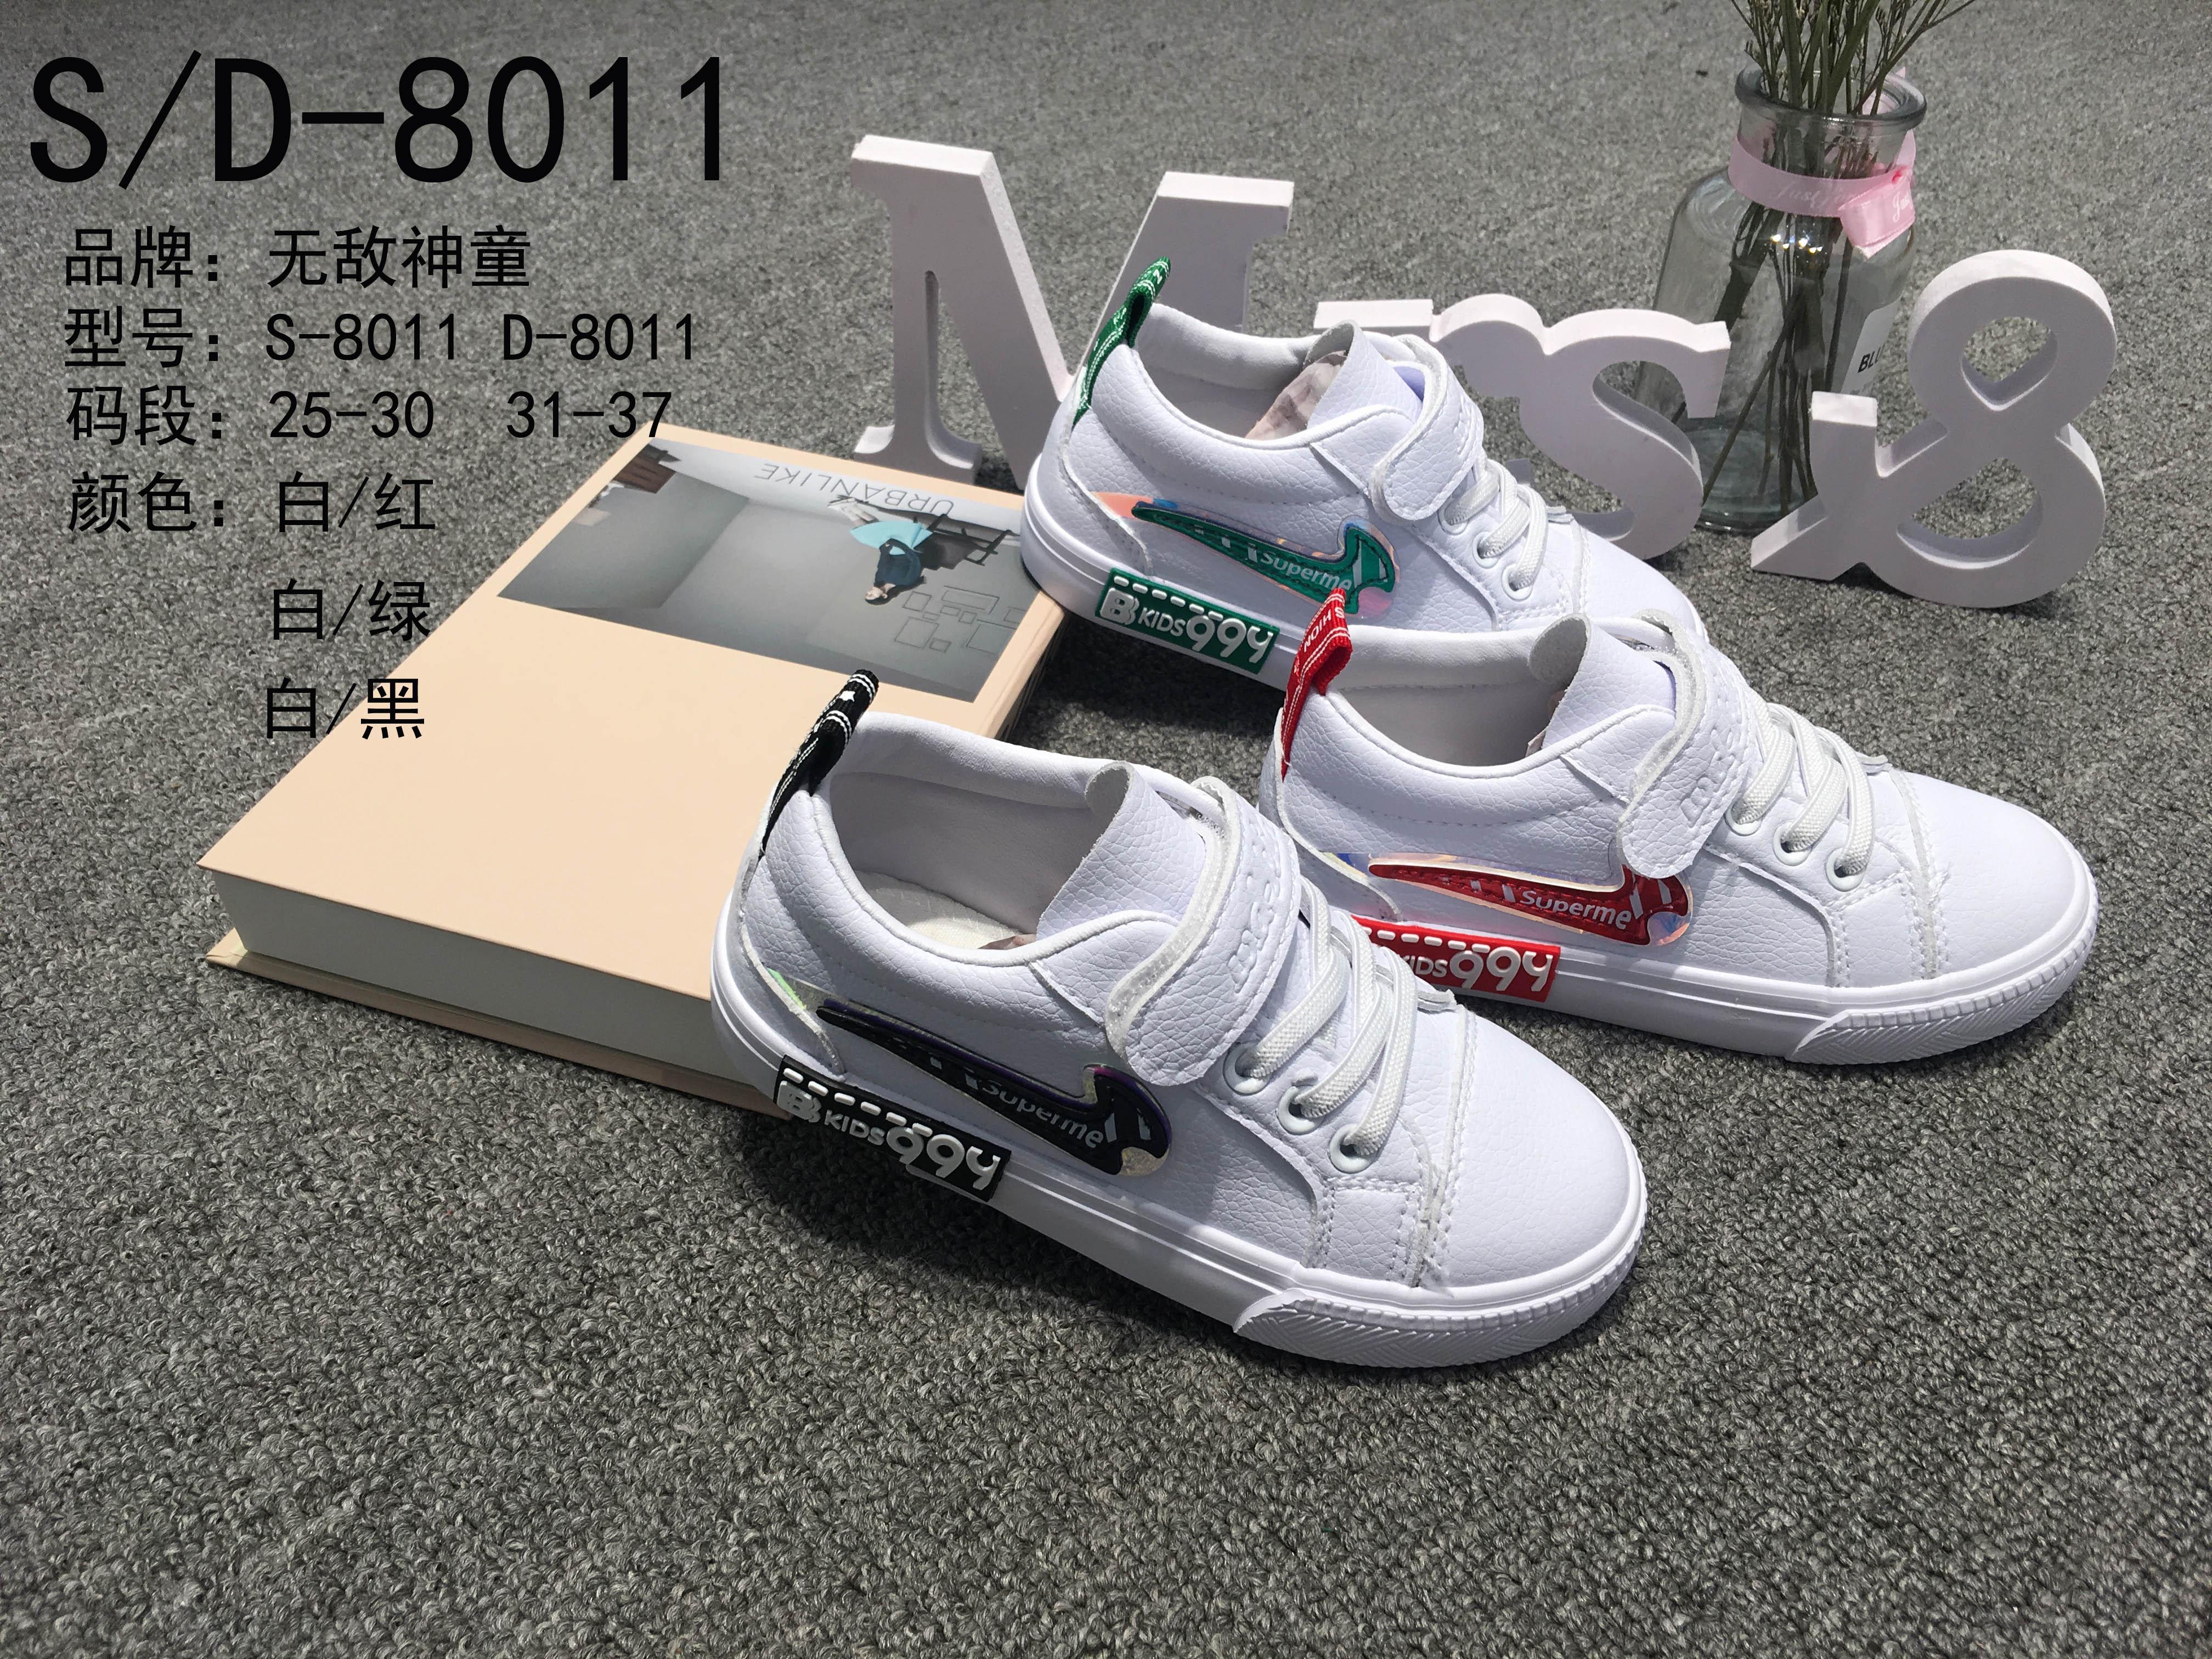 S-D-8011